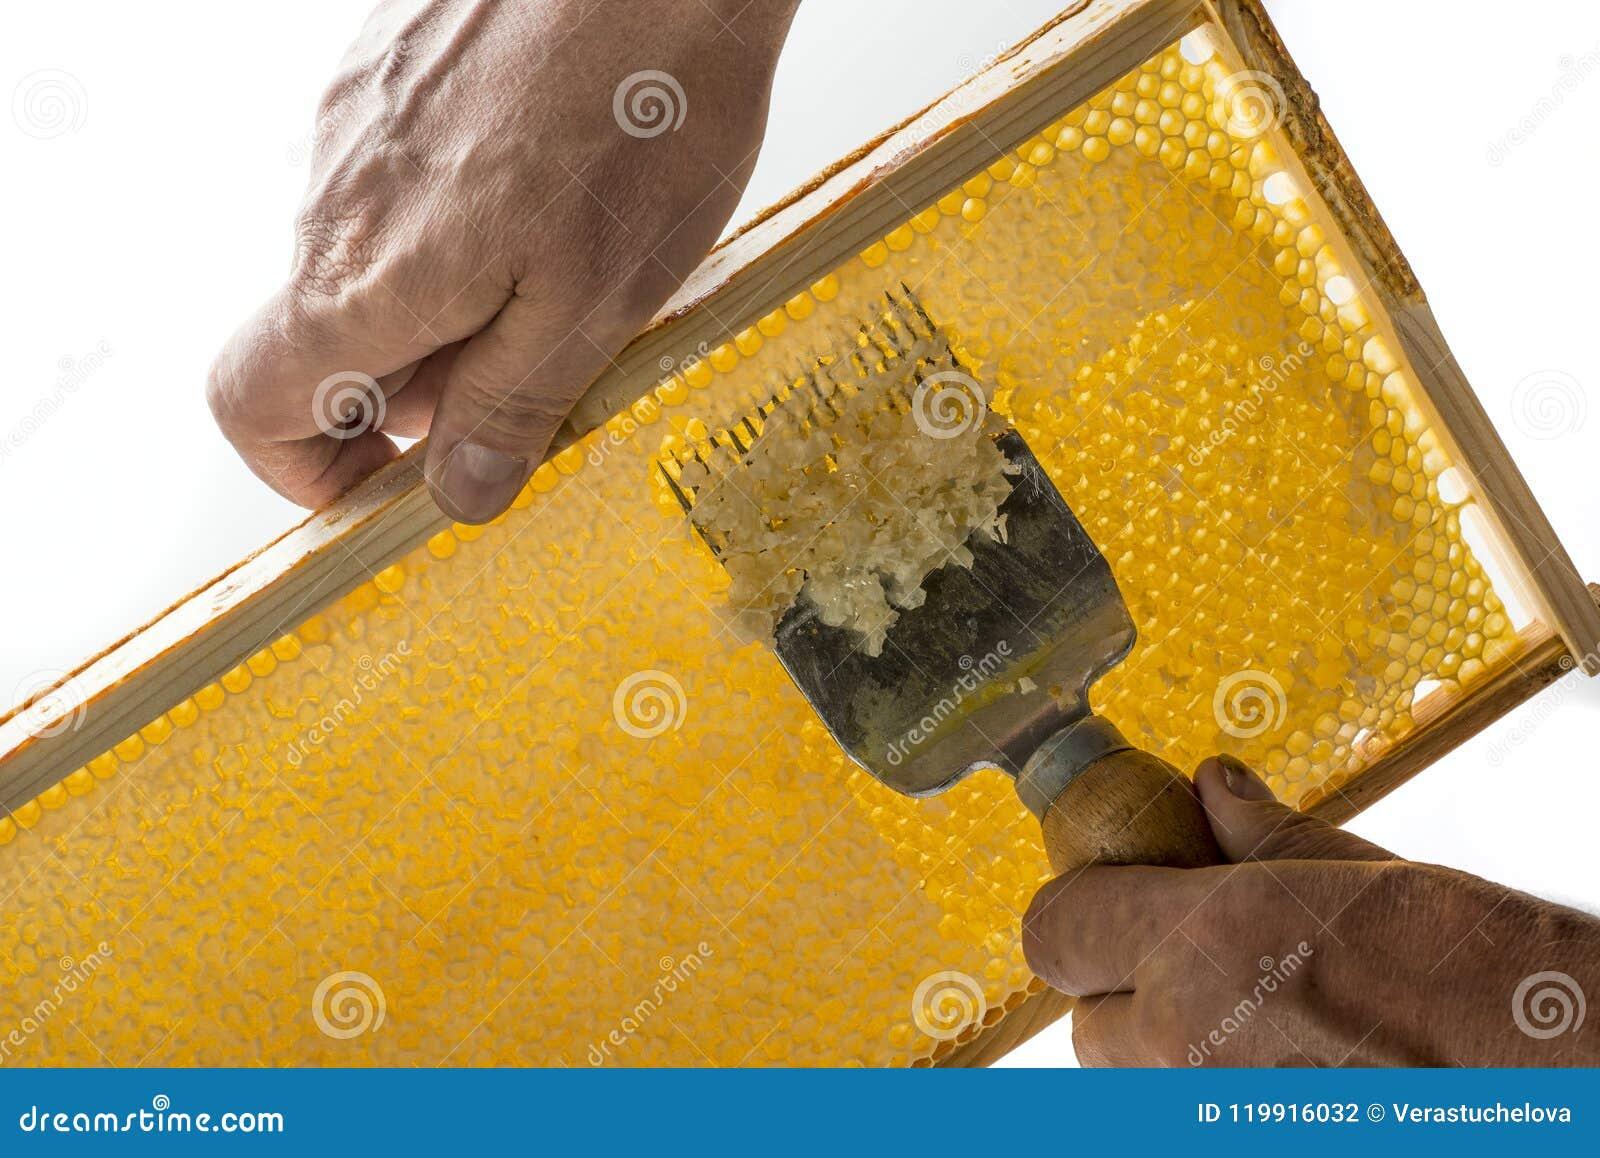 El apicultor está destapando el panal